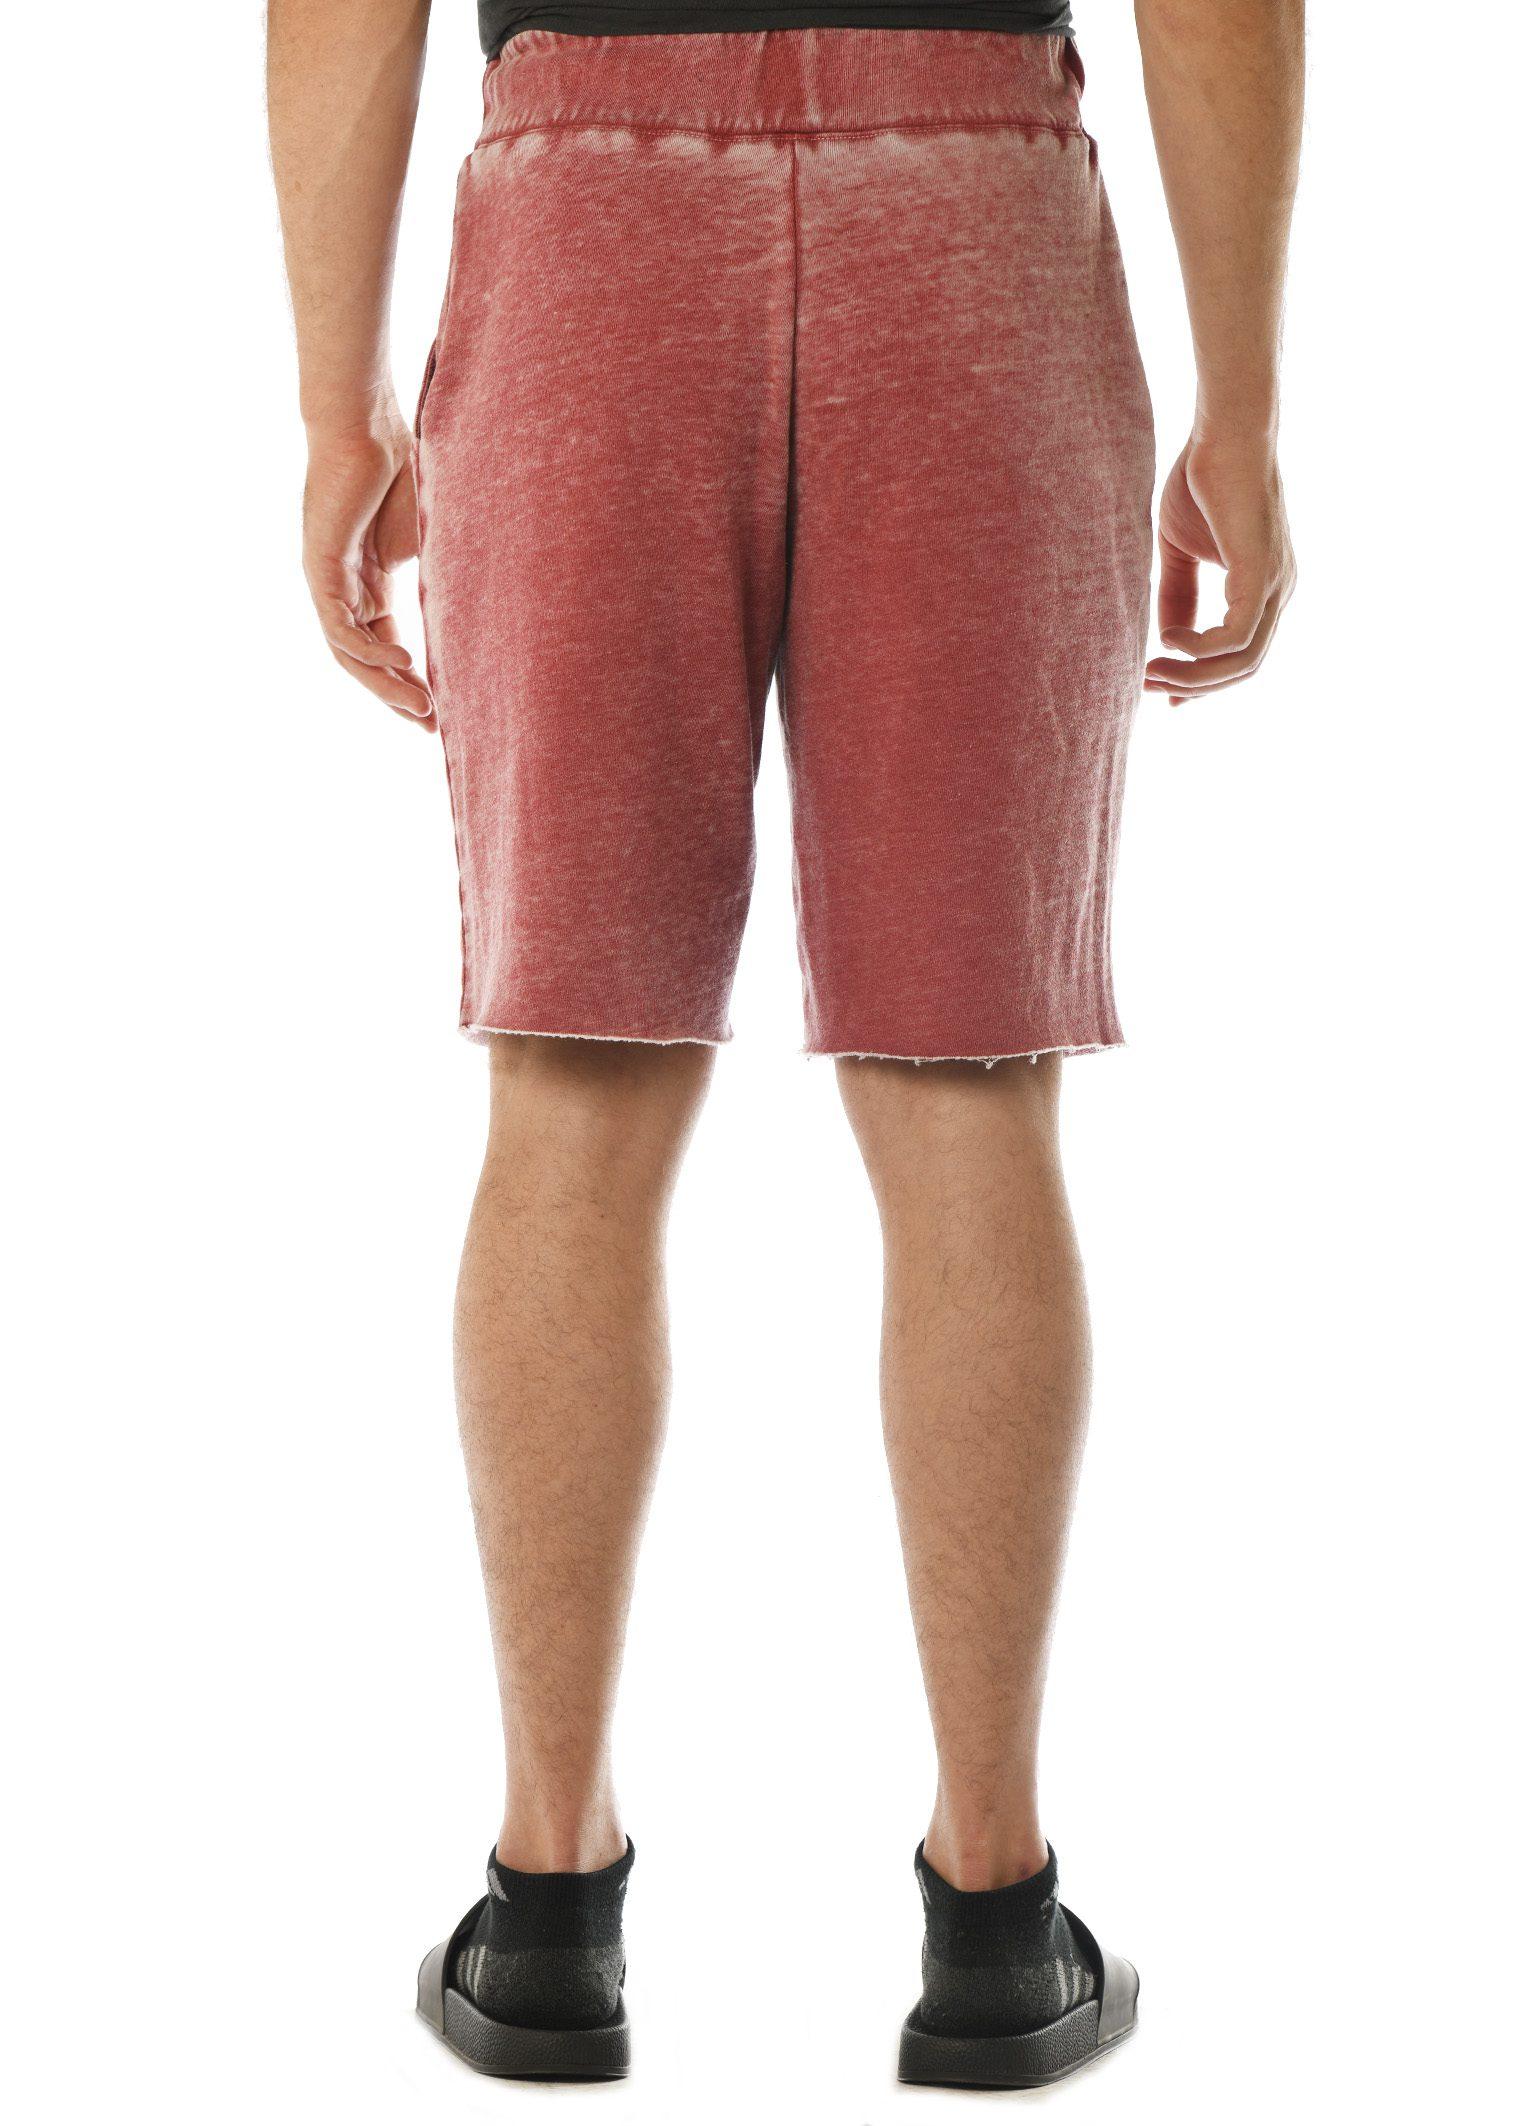 GG 315-FT-B Men's WornWash Shorts Back